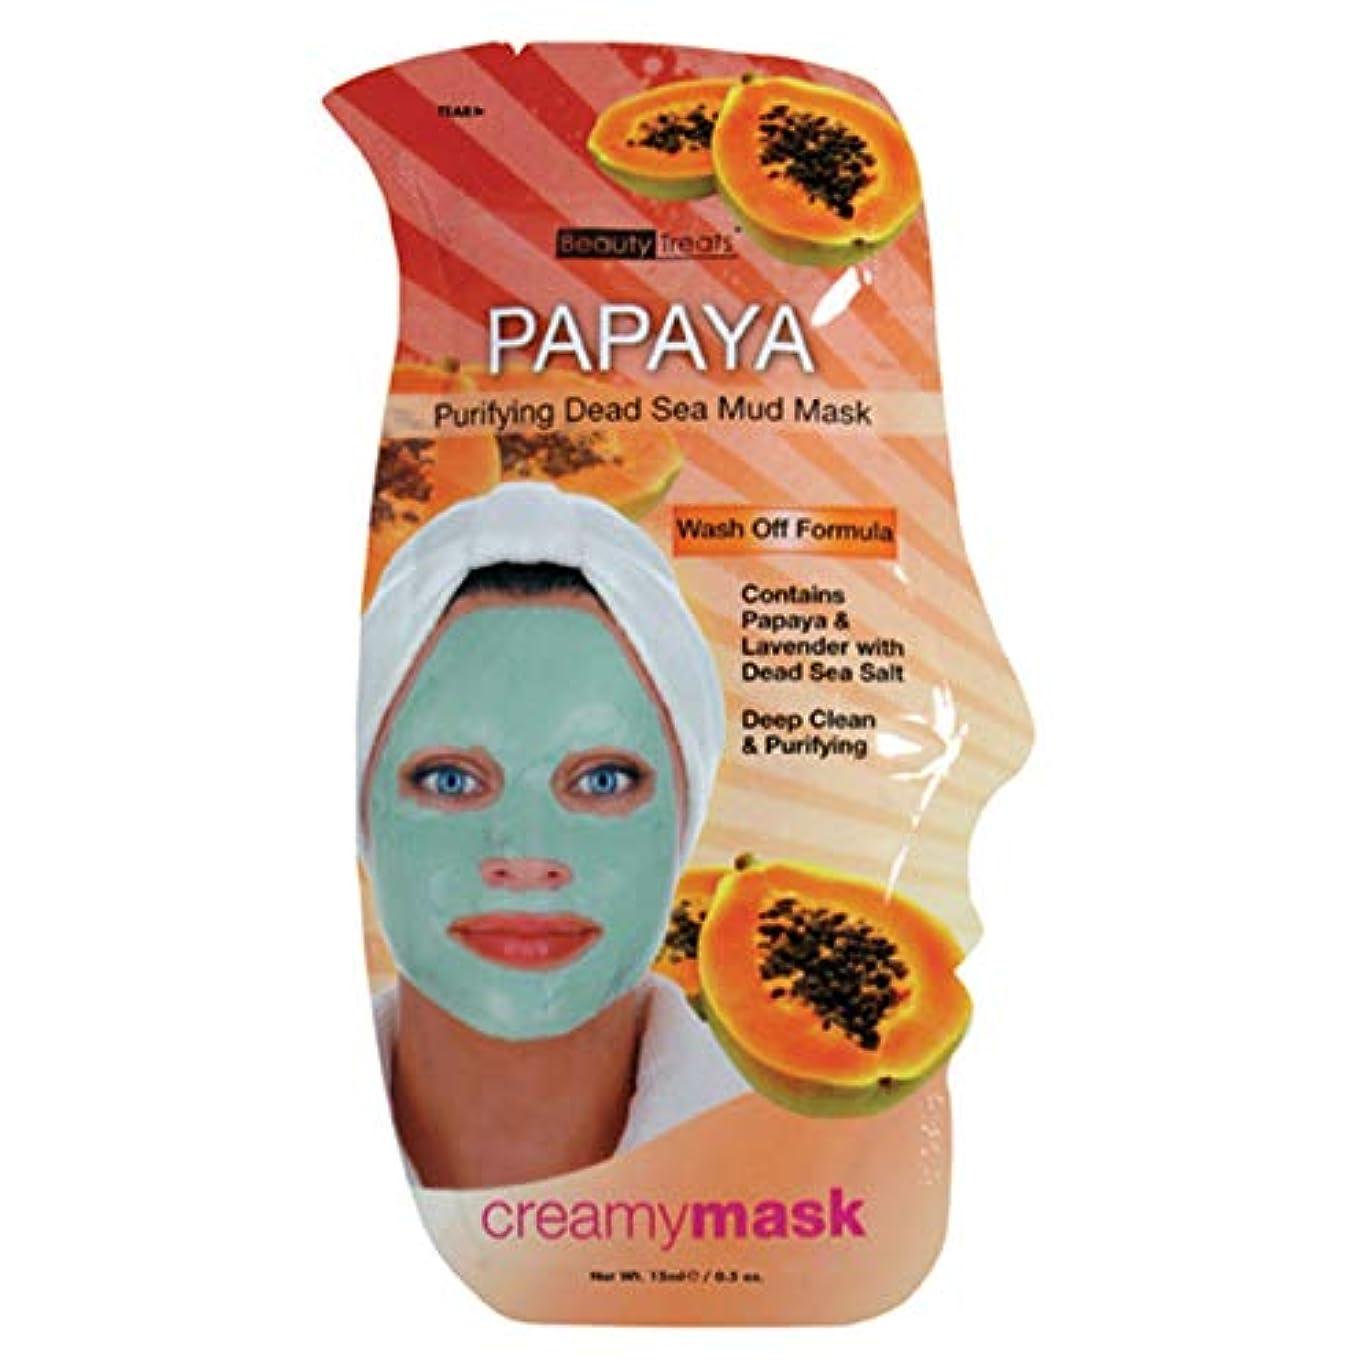 消化器慣習フェデレーションBEAUTY TREATS Papaya Purifying Dead Sea Mud Mask - Papaya (並行輸入品)